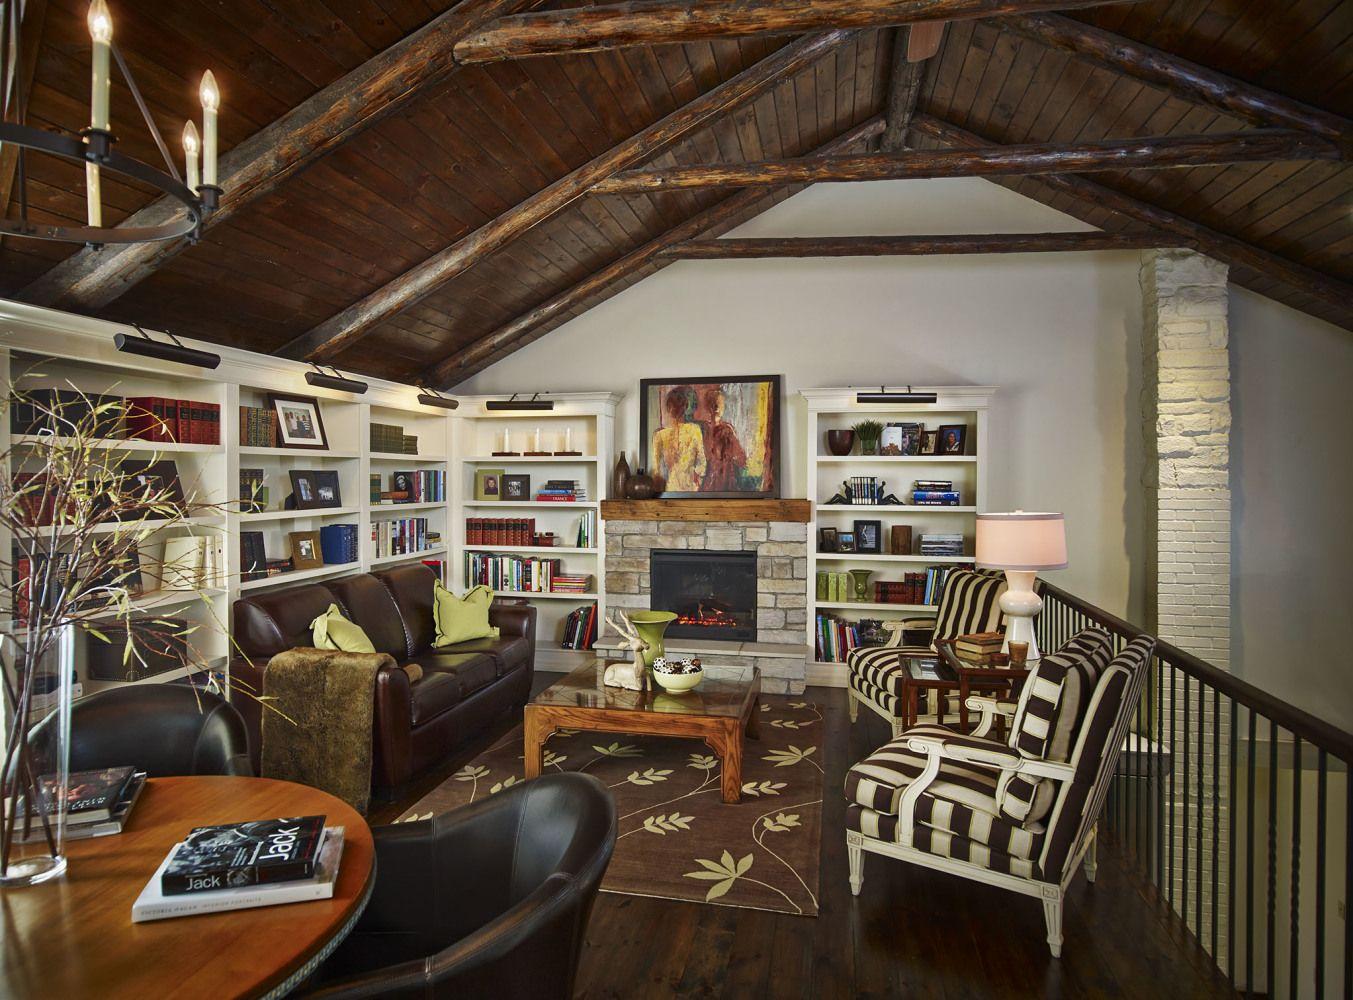 country loft, cottage loft, rustic loft | home plans | Pinterest ...